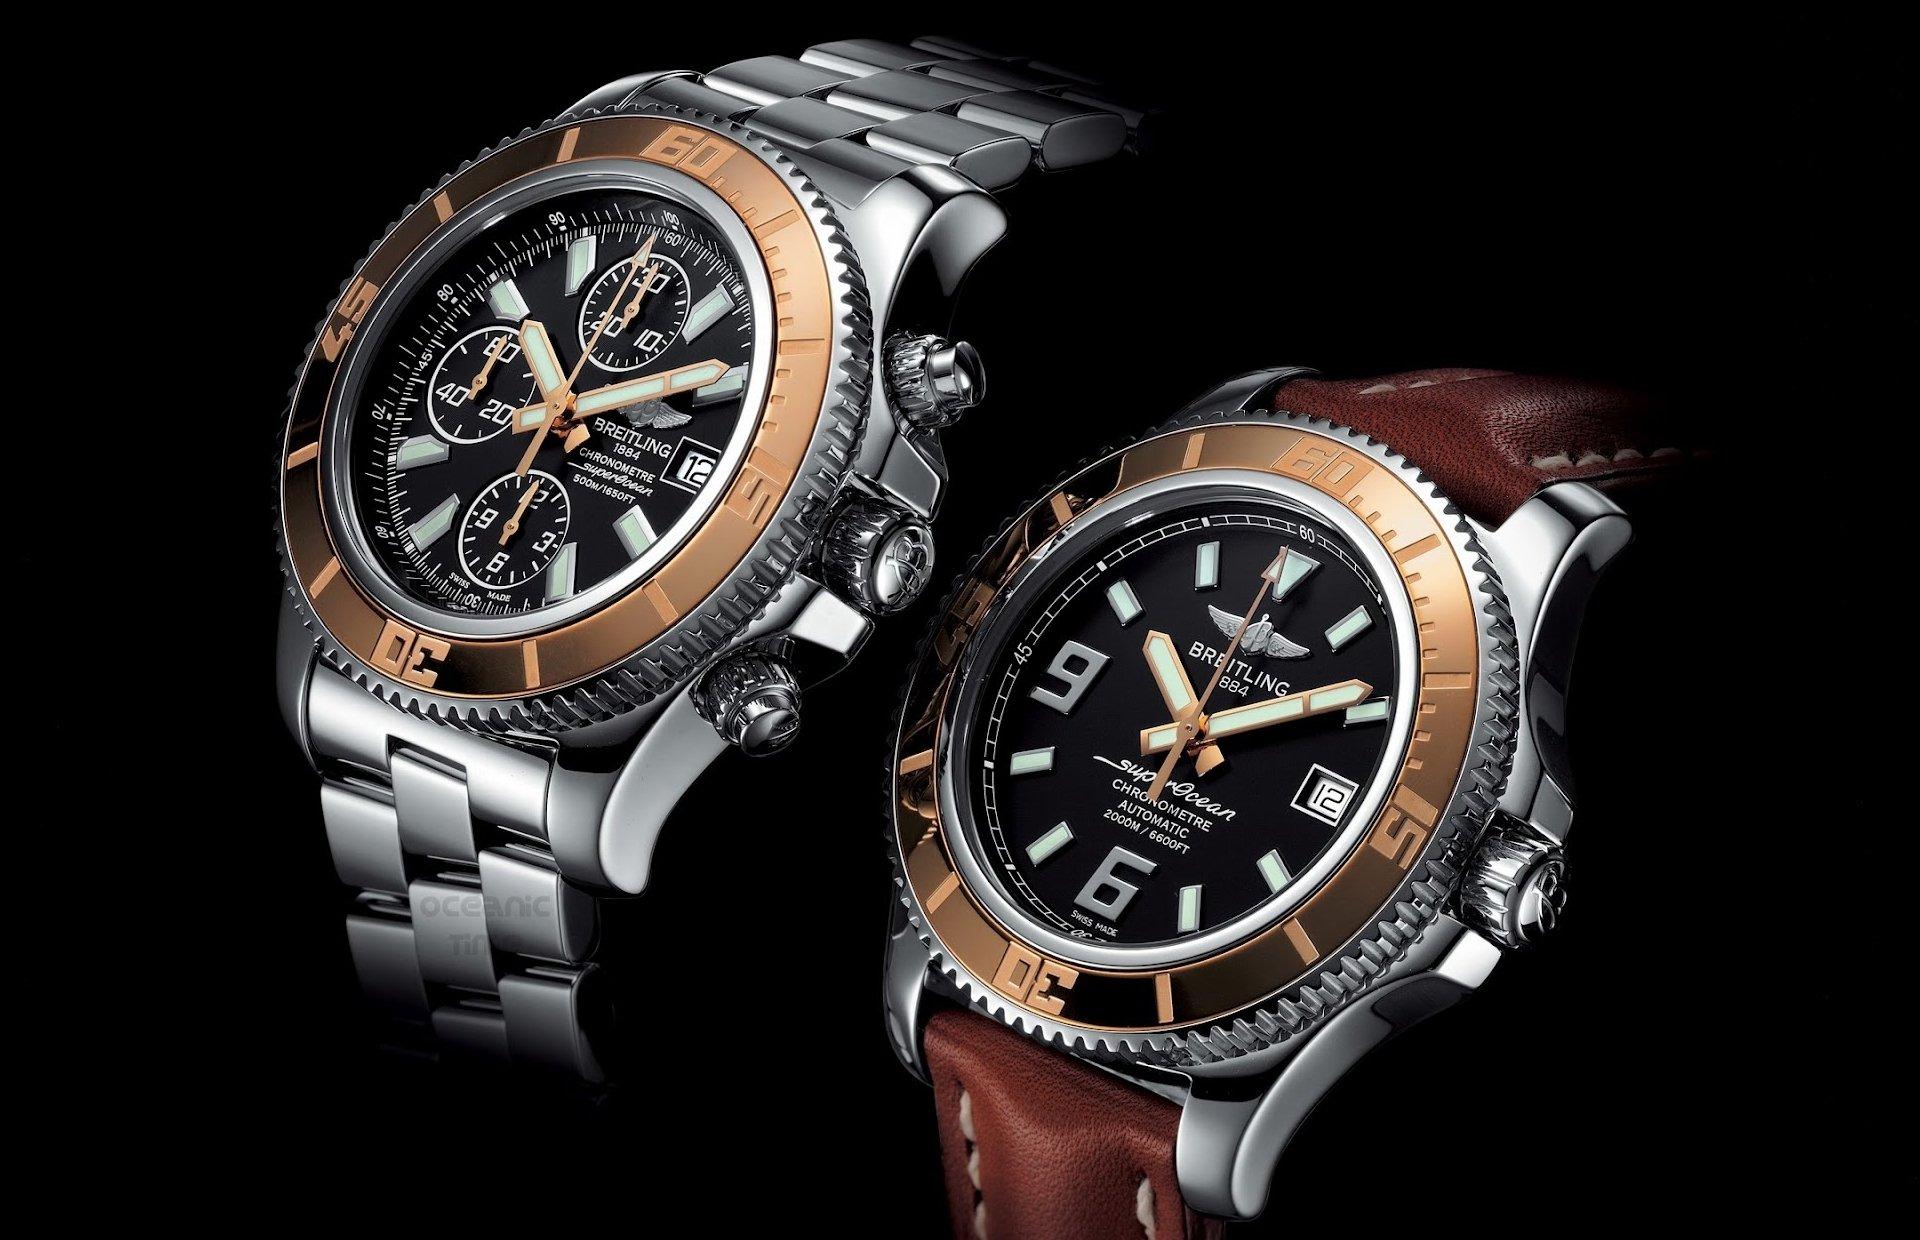 Главная о нас новости контакты поиск данные часы с 2-мя часовыми поясами, что создает удобство в путешествиях и позволяет ориентироваться во времени, находясь в разных городах.